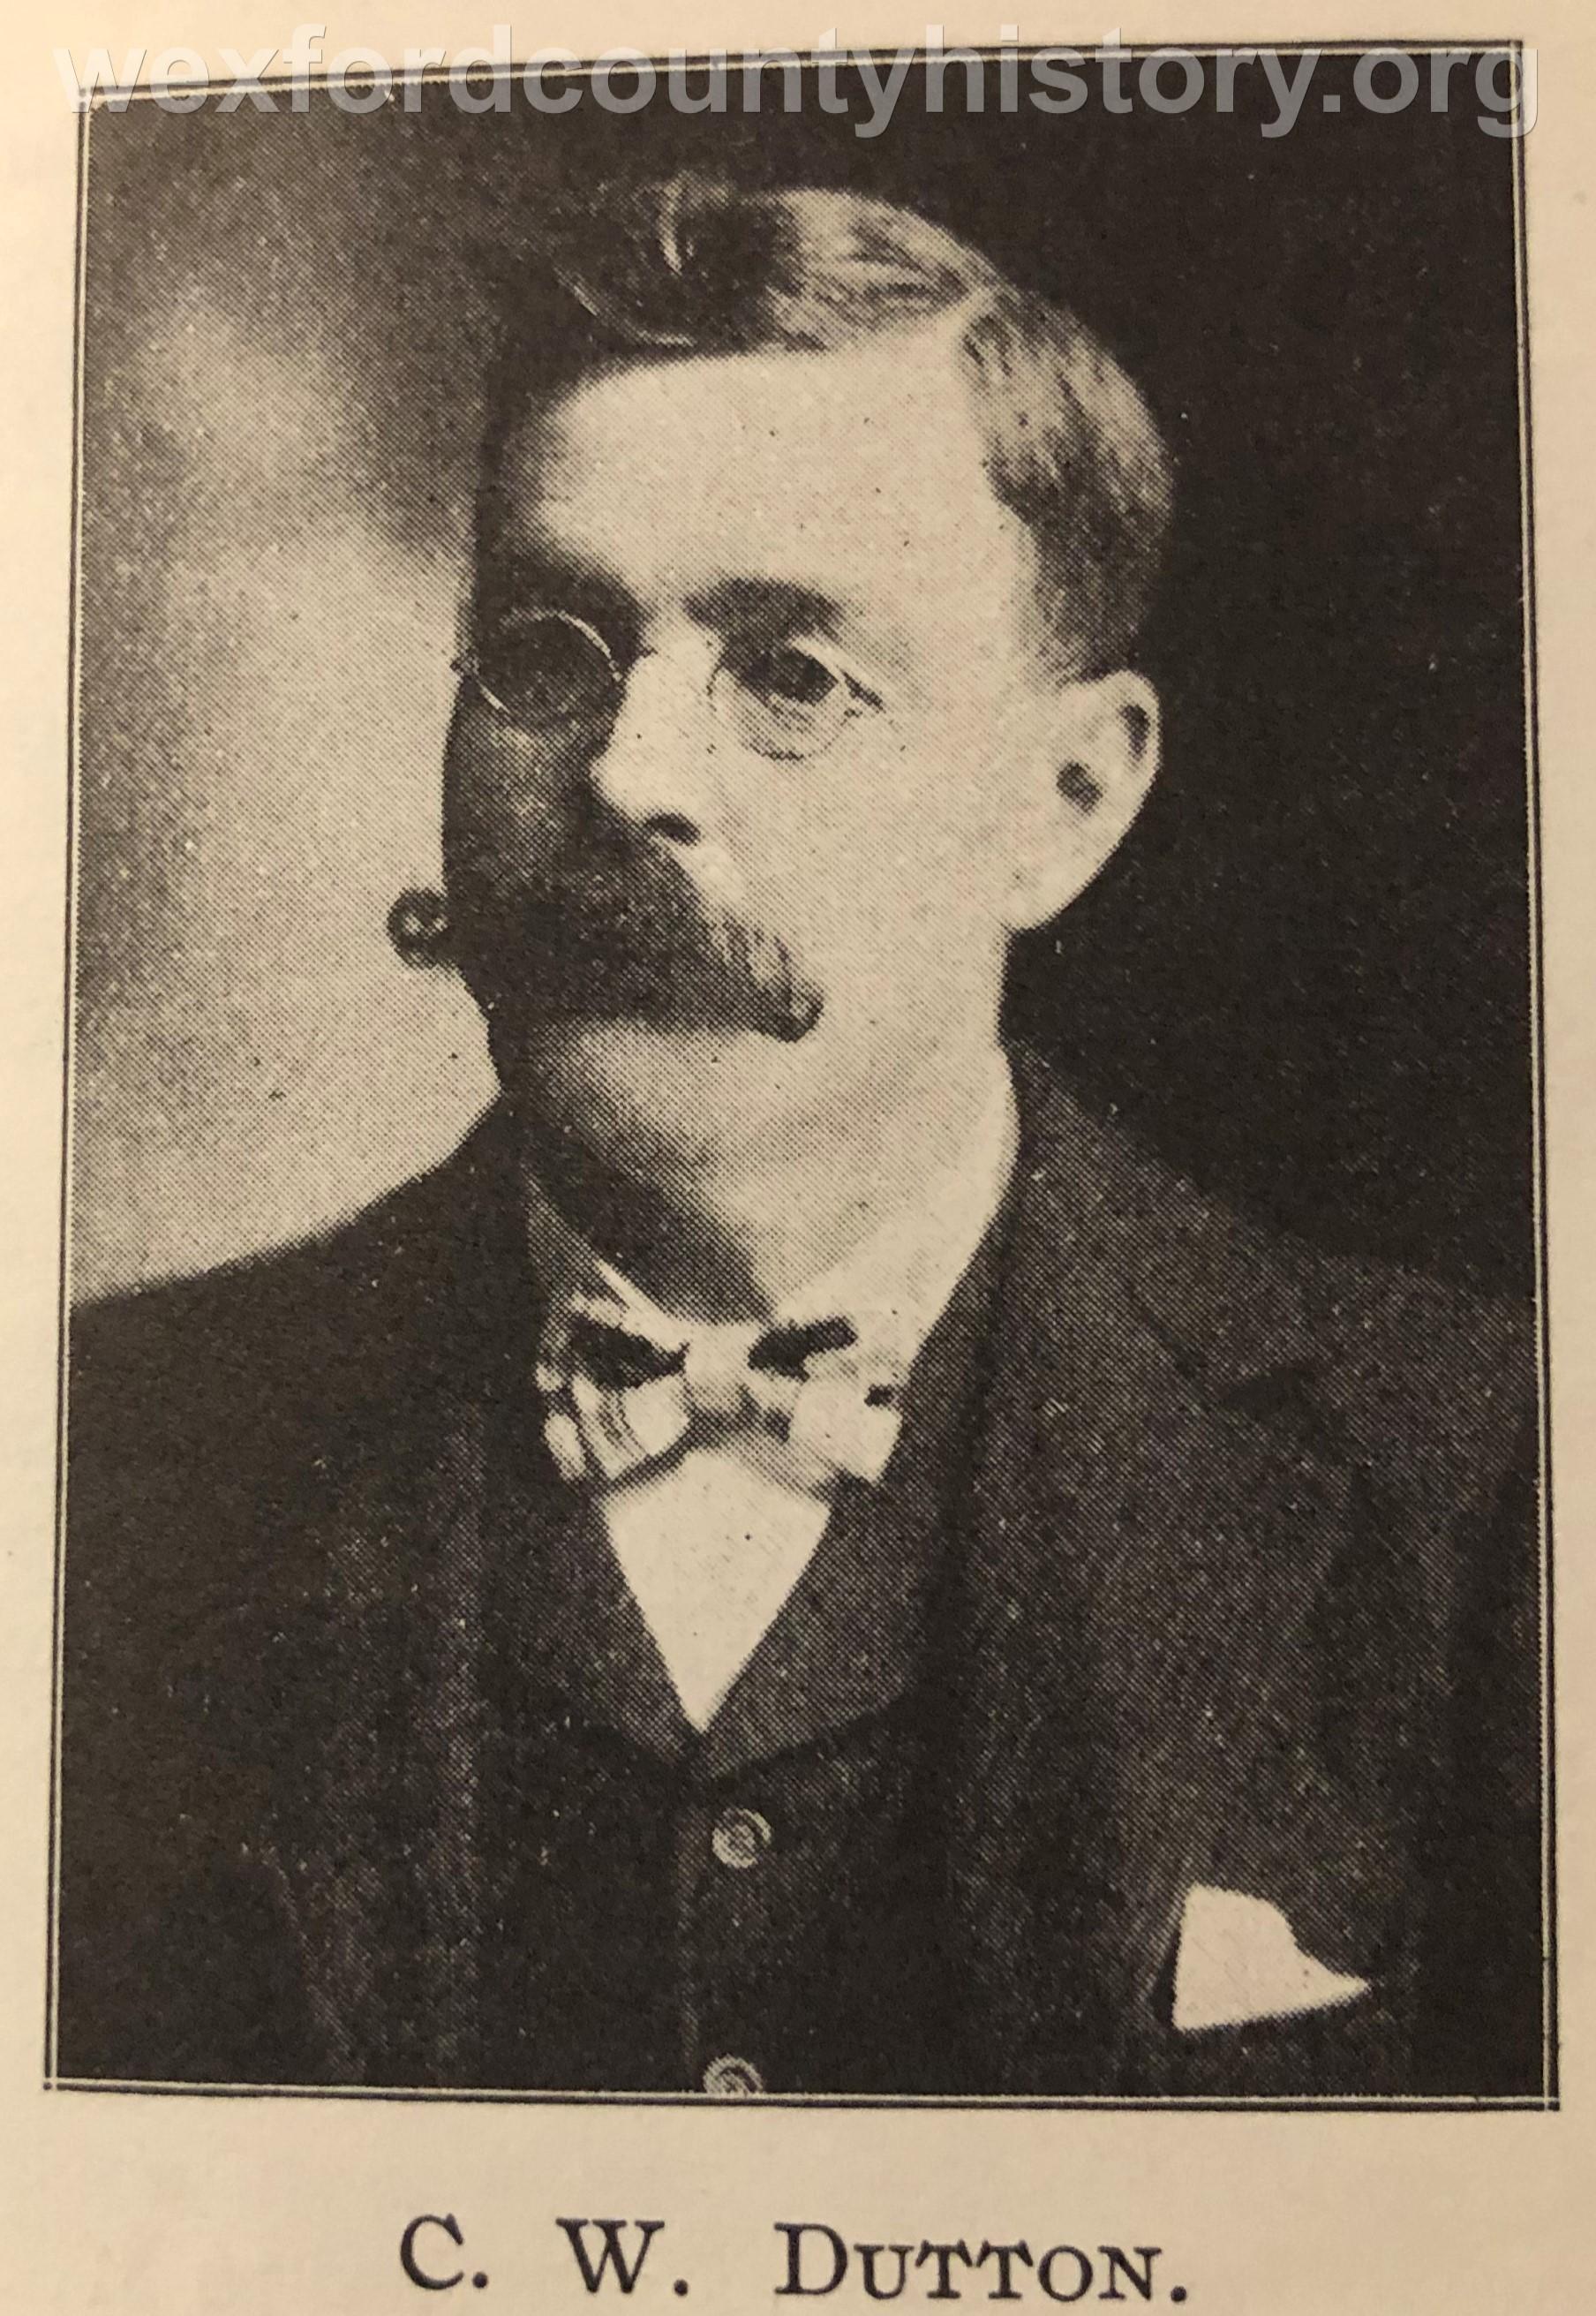 C. W. Dutton